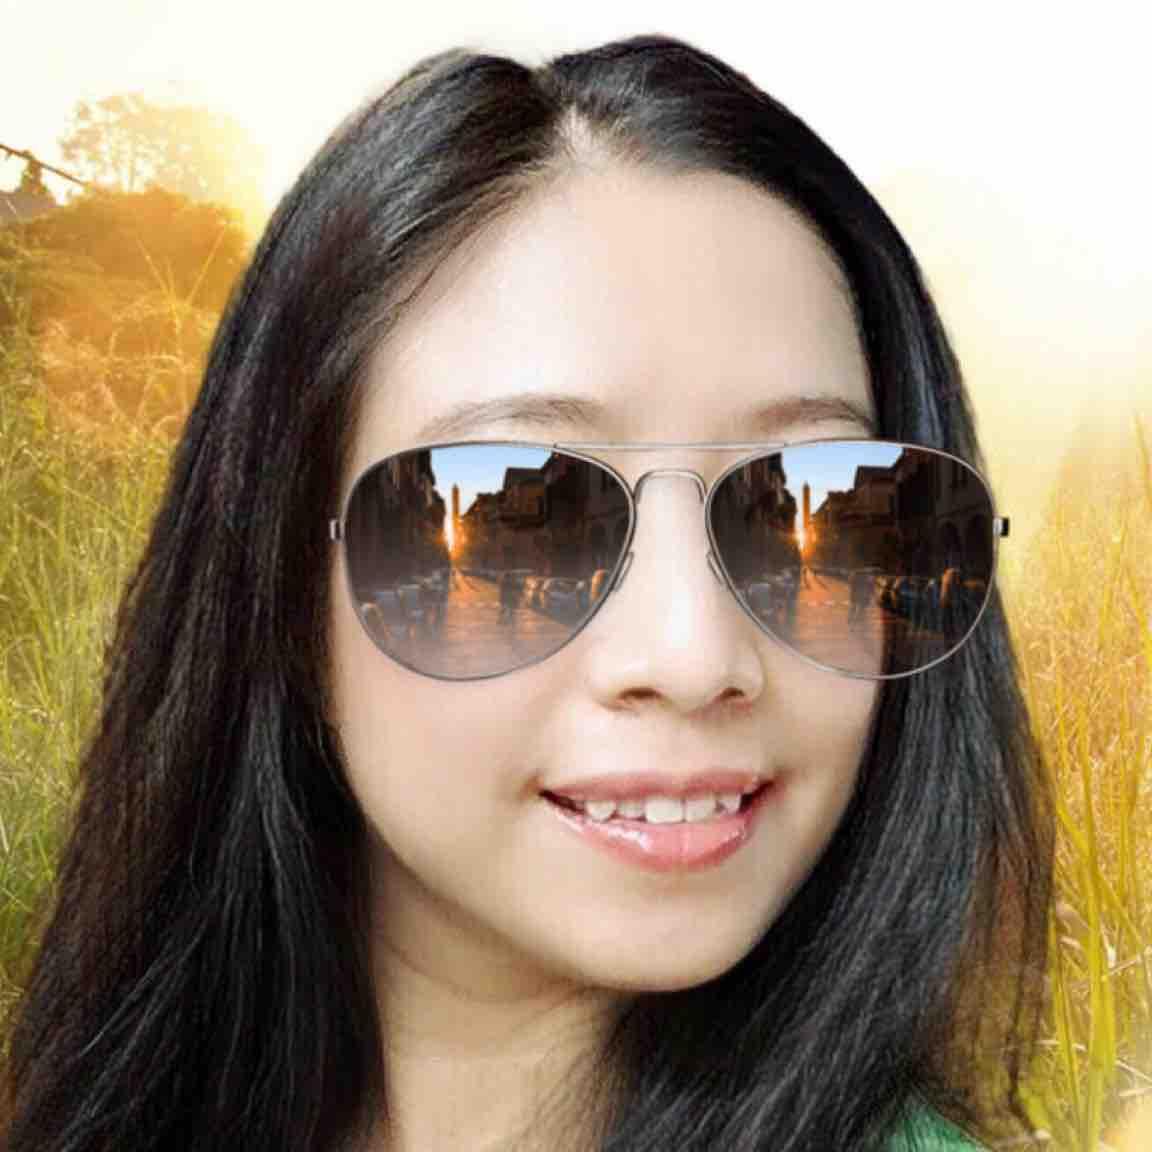 HẠNH PHÚC ĐẦU XUÂN - Thùy Linh